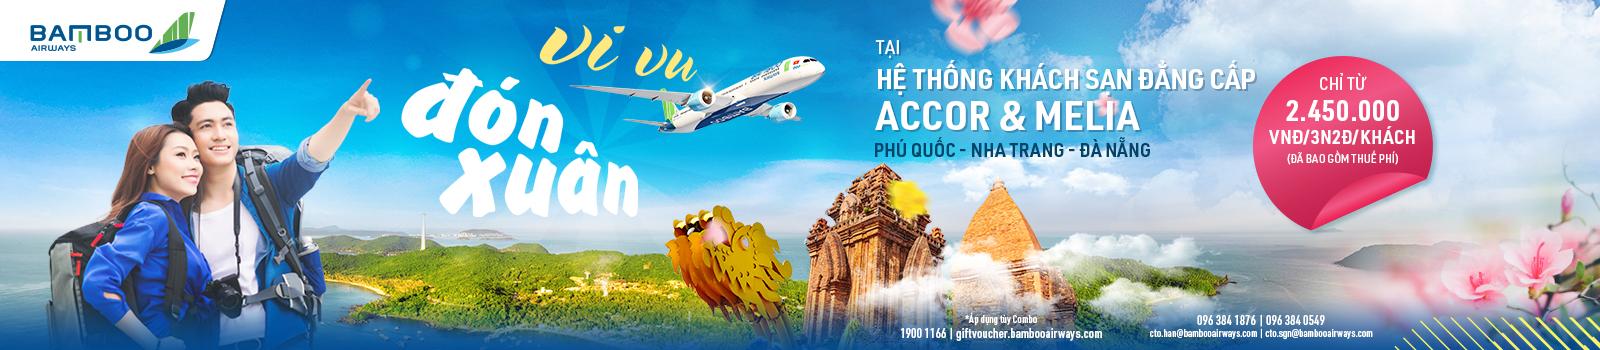 Nghỉ dưỡng Pullman Phu Quoc Beach Resort/ Movenpick Resort Waverly Phu Quoc – Khởi hành TP.HCM (trong tuần)